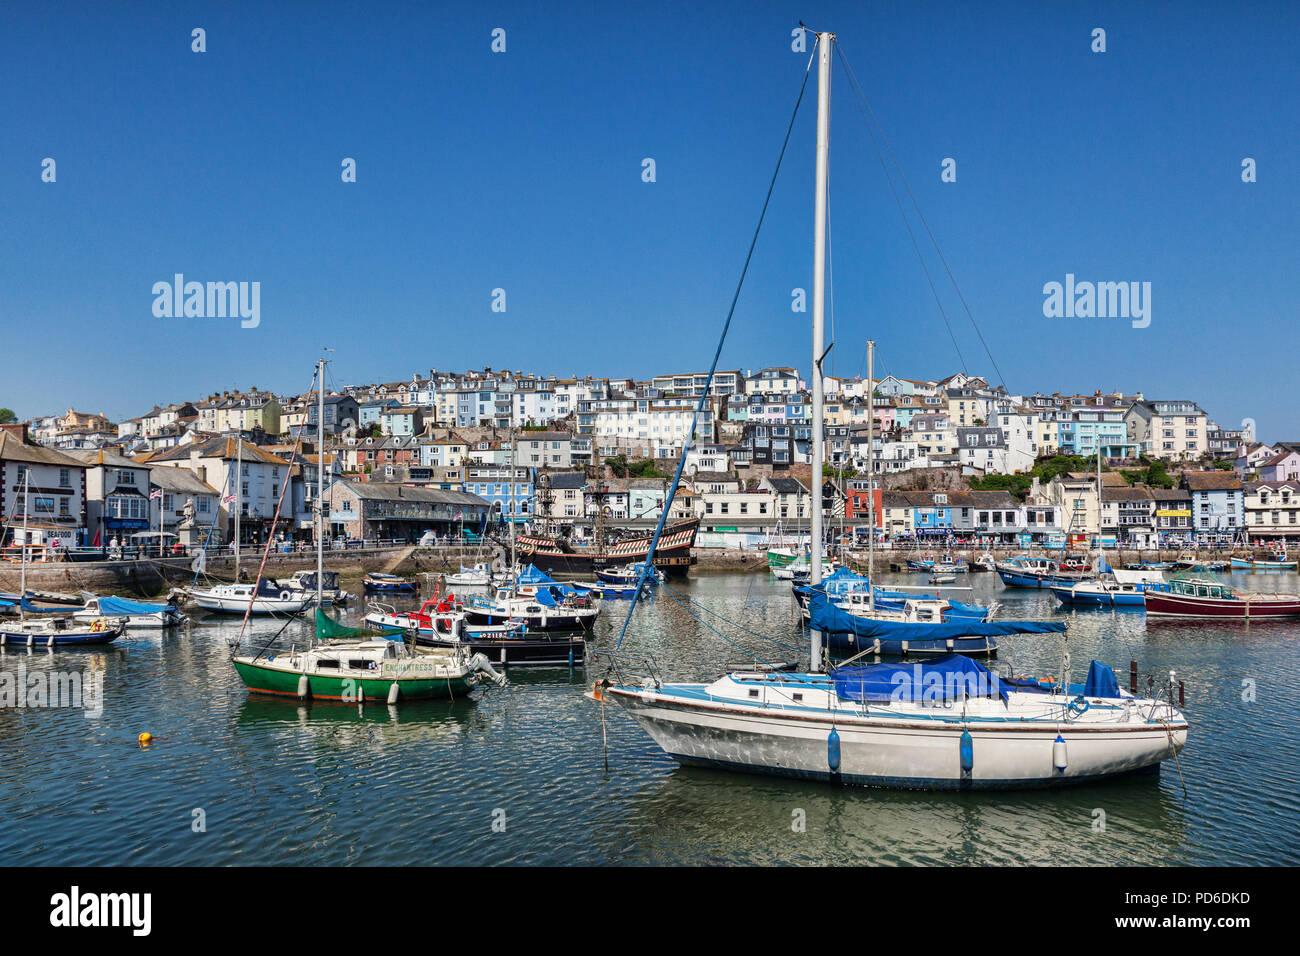 23. Mai 2018: Brixham, Devon, Großbritannien - Der Hafen mit der Replik Golden Hind an einem schönen Frühlingstag mit klaren blauen Himmel. Stockbild